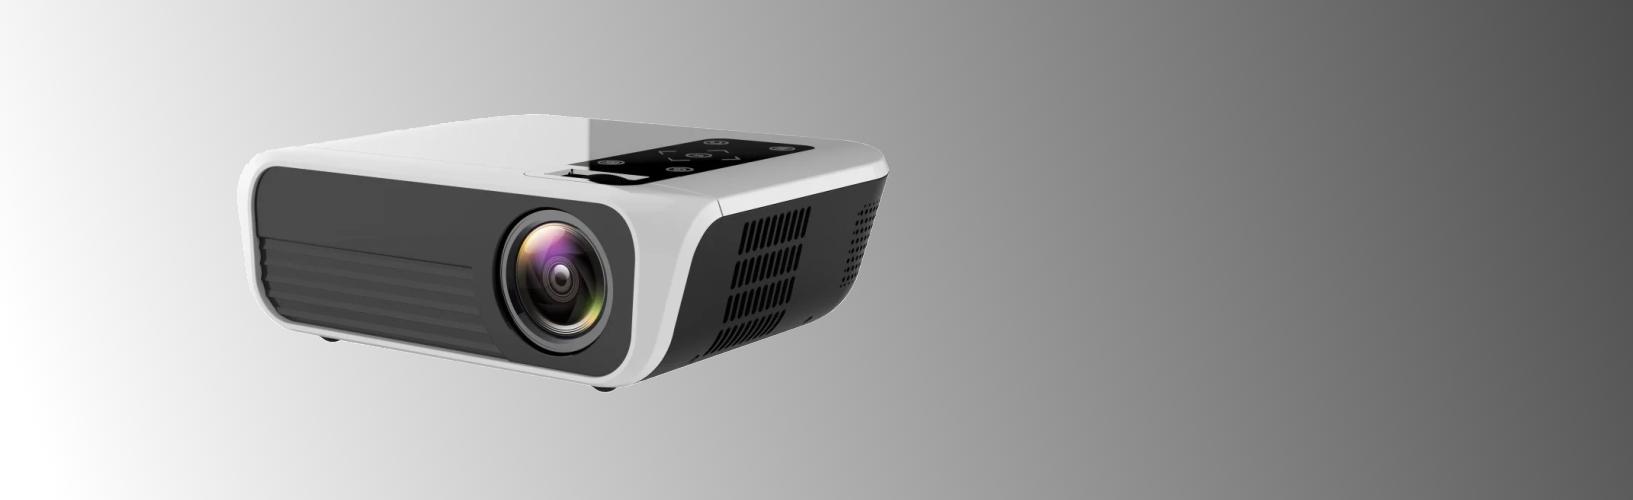 Full HD LED проектор Touyinger L7W